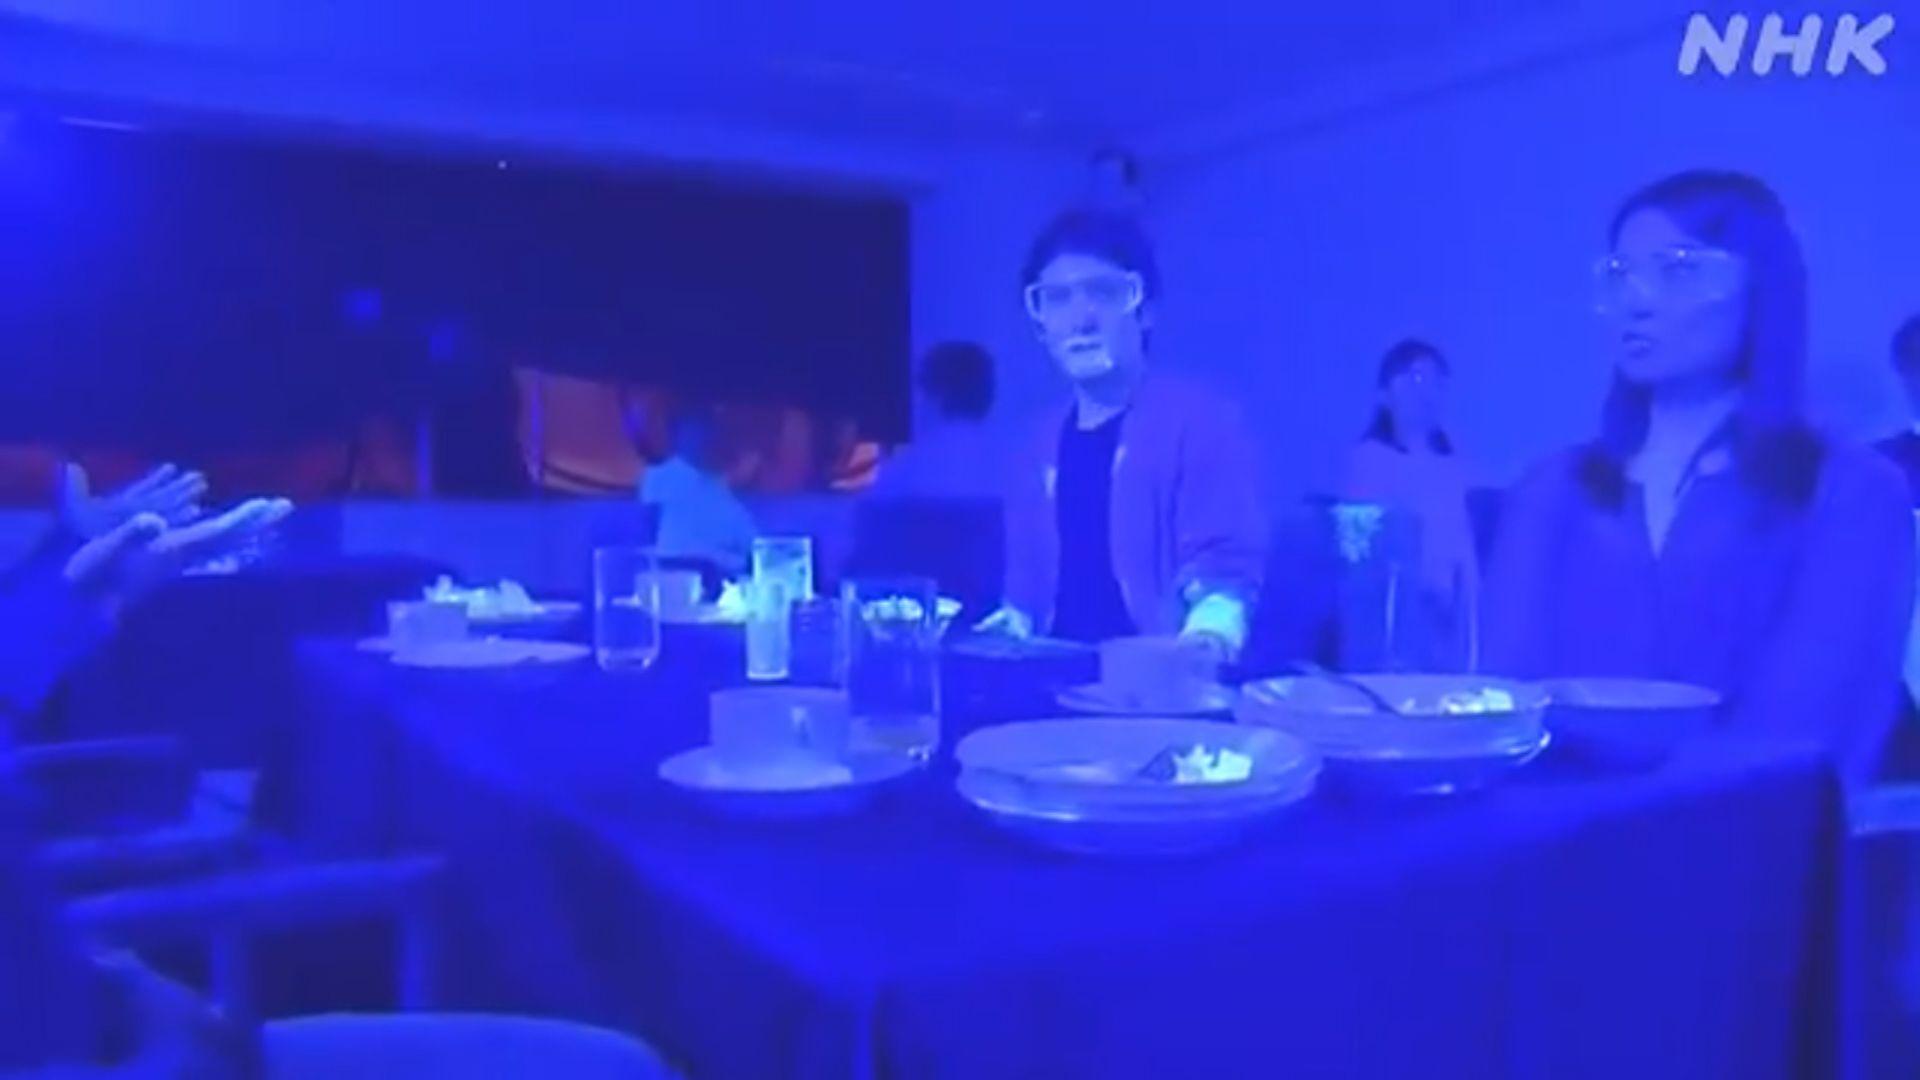 【環球薈報】日本示範自助餐「播毒」片段網上瘋傳